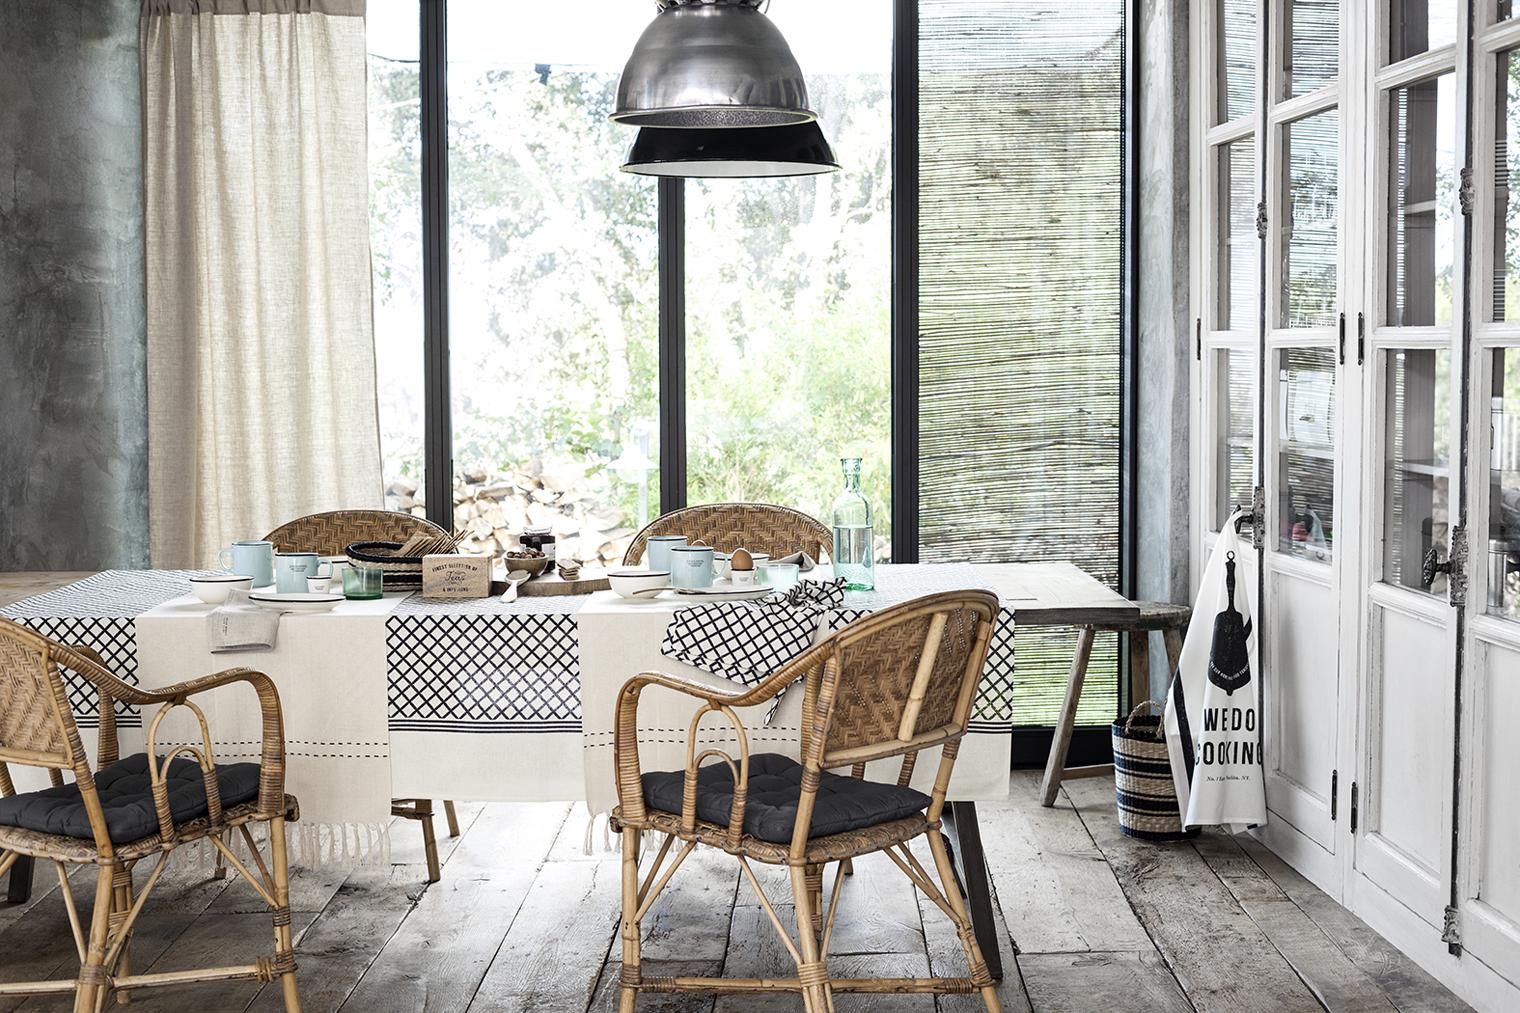 h m online bienvenida primavera luz y naturaleza. Black Bedroom Furniture Sets. Home Design Ideas